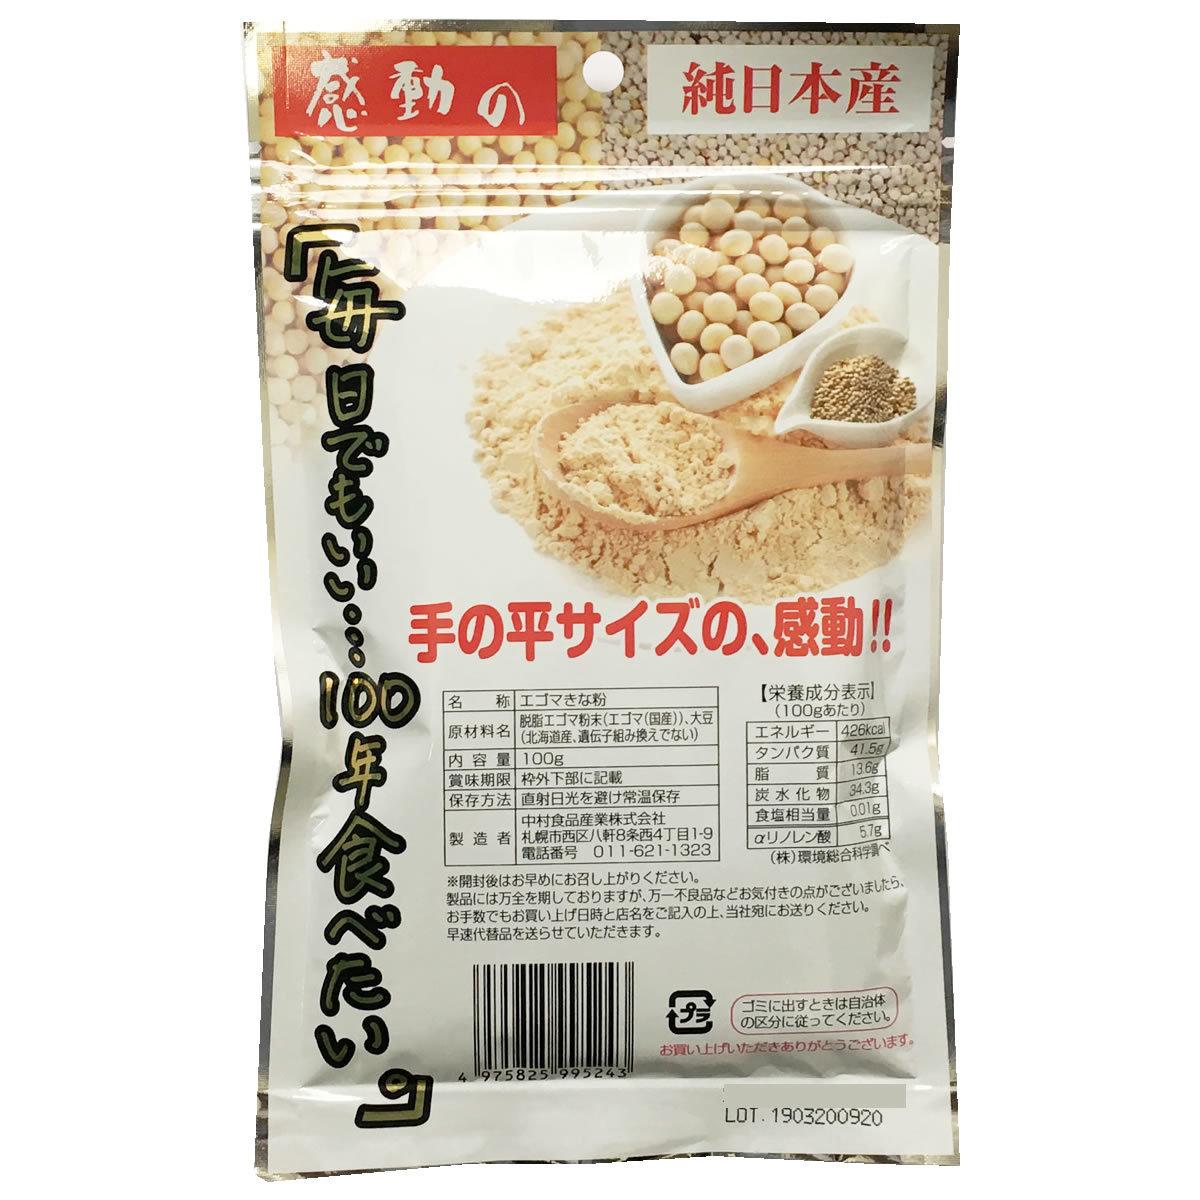 中村食品 エゴマきな粉&きな粉オレ&全粒きな粉 各1袋お試しセット _画像3